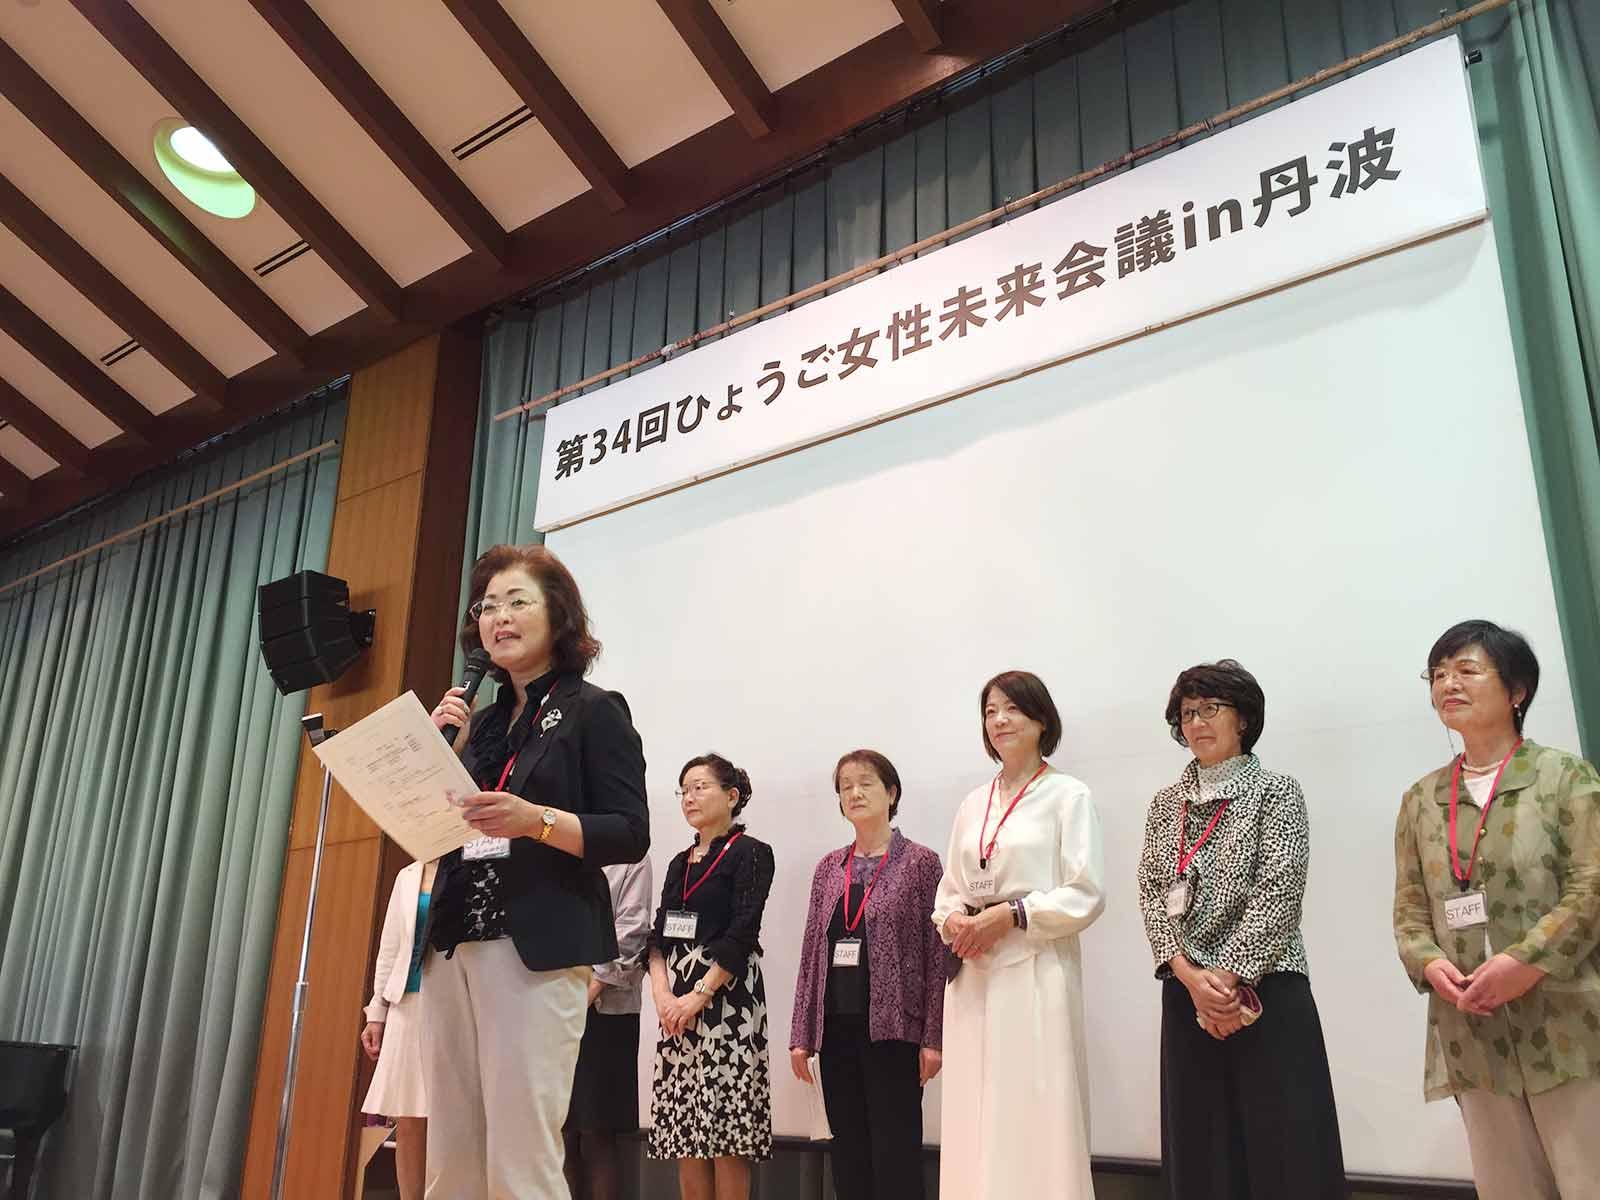 平成30年に丹波市で開催された「ひょうご女性未来会議」で話す谷水さん。